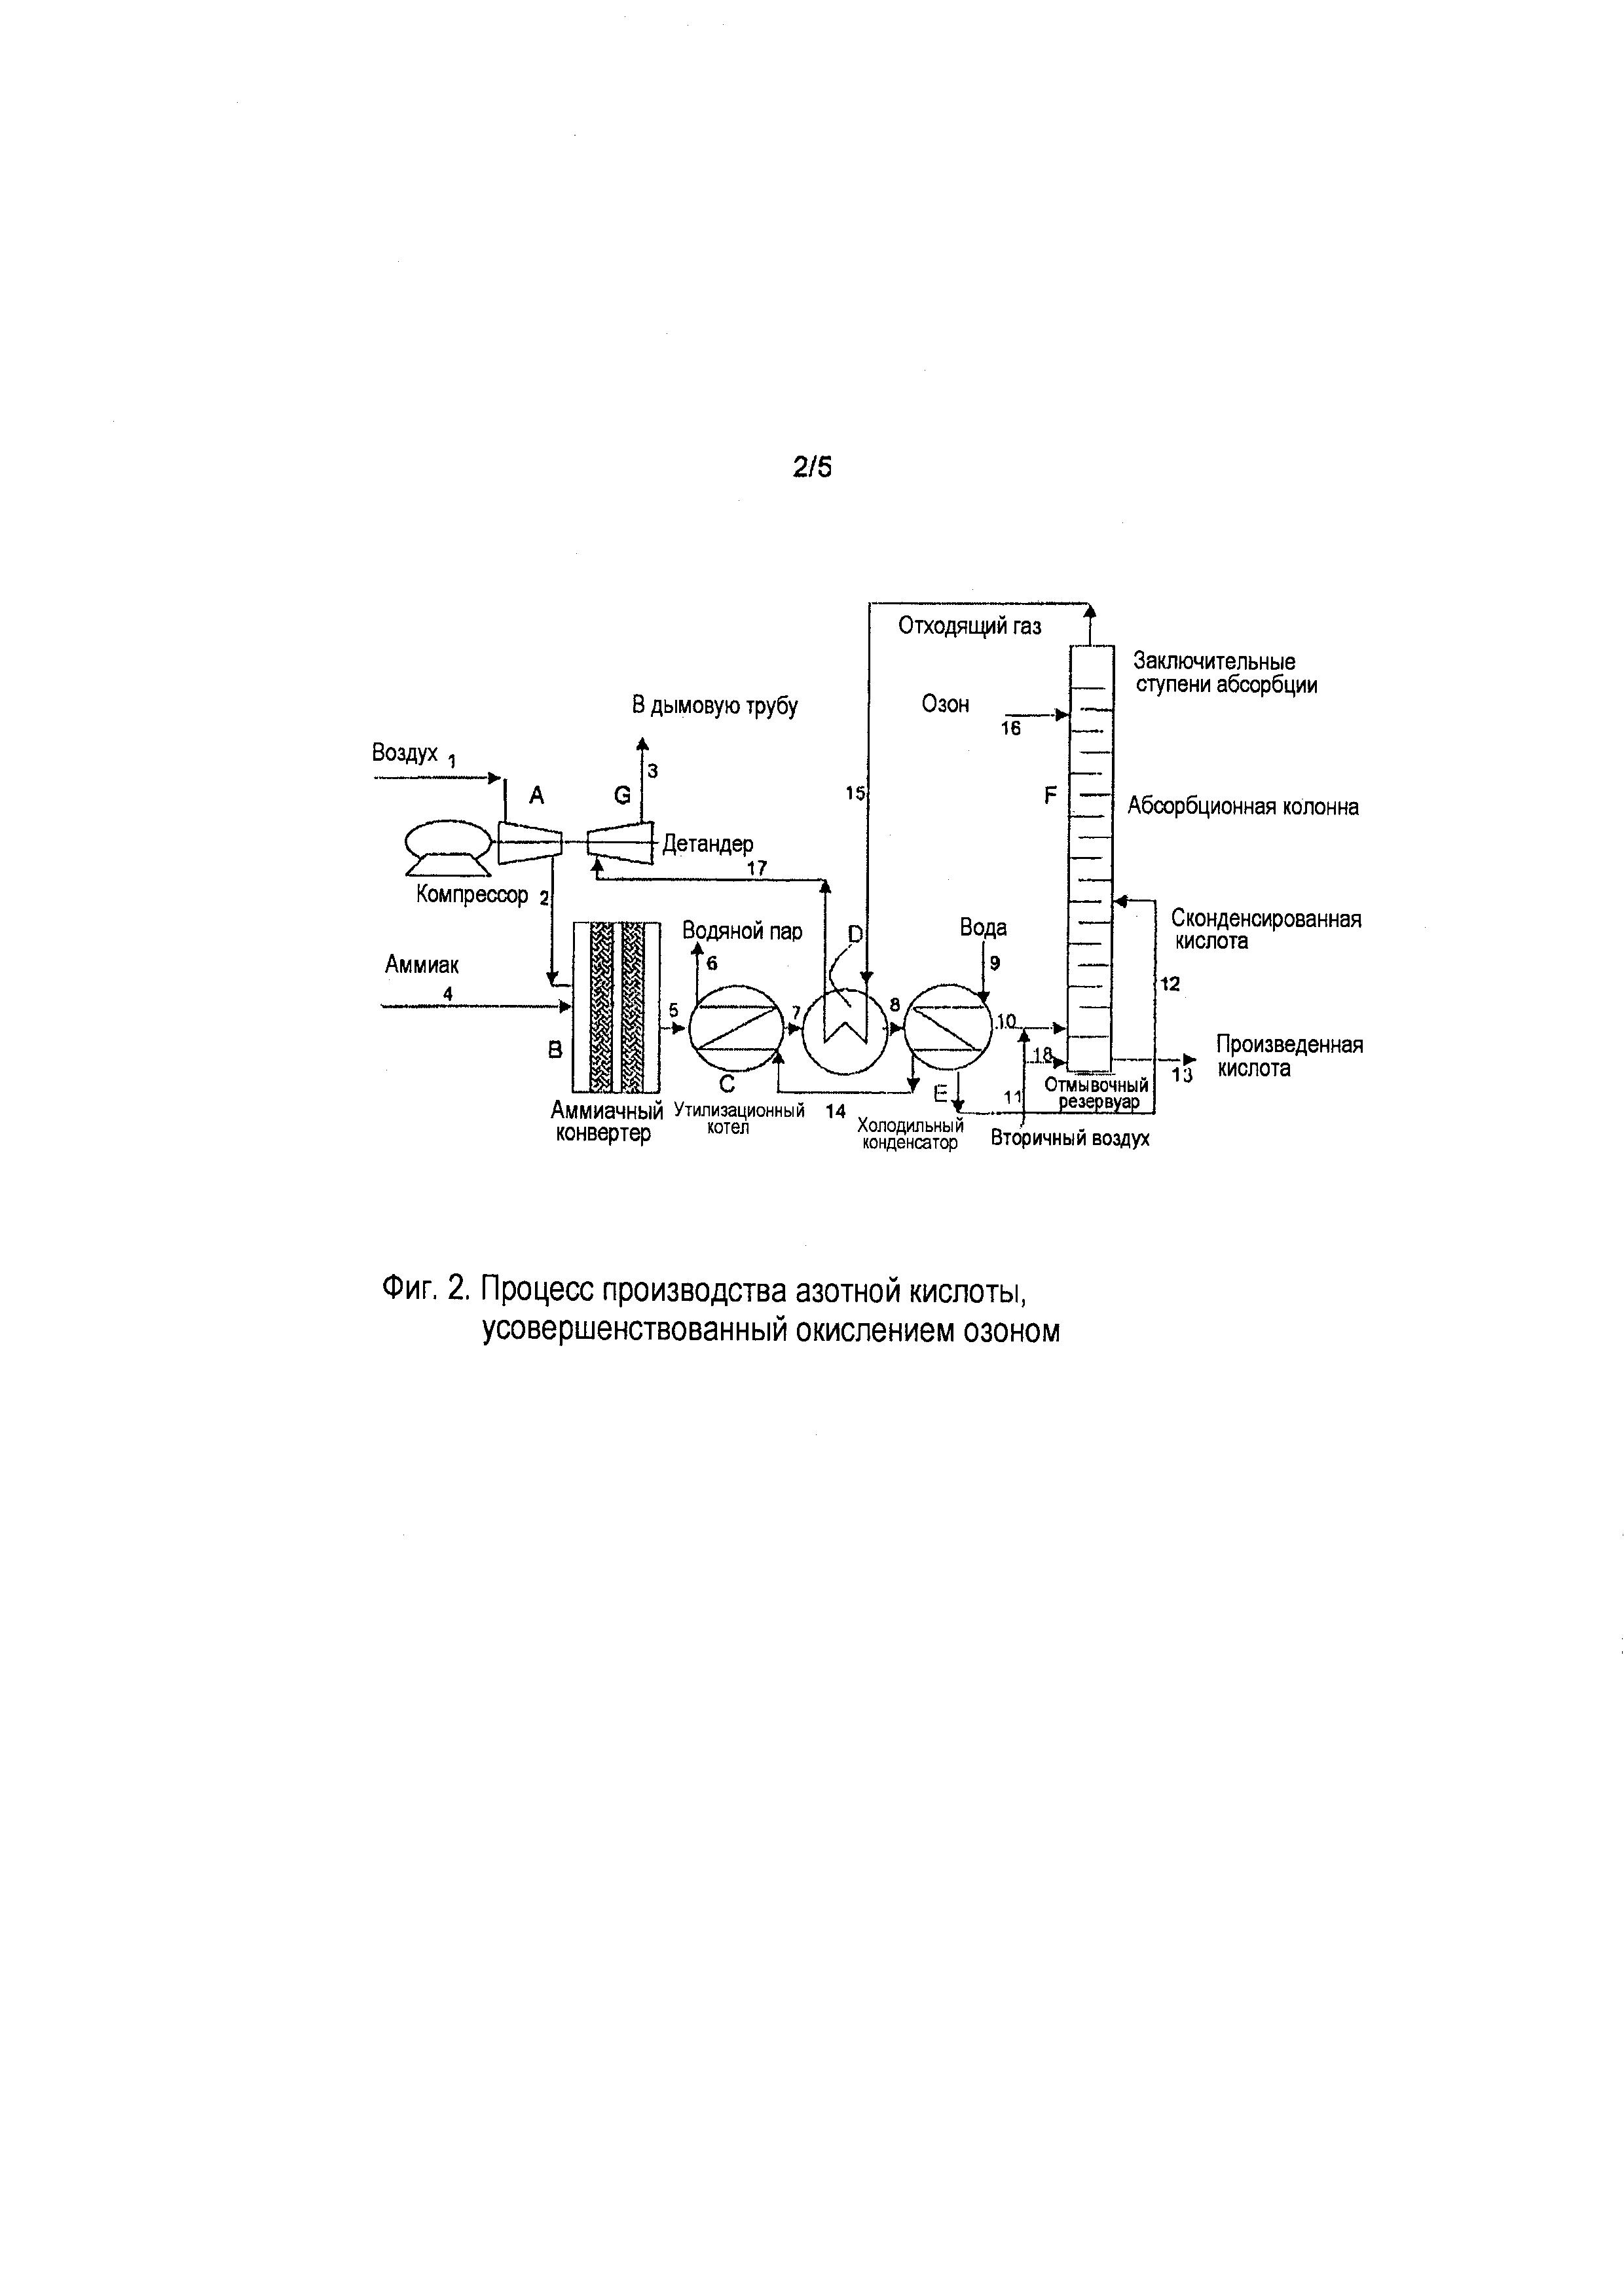 Усовершенствованное производство азотной кислоты